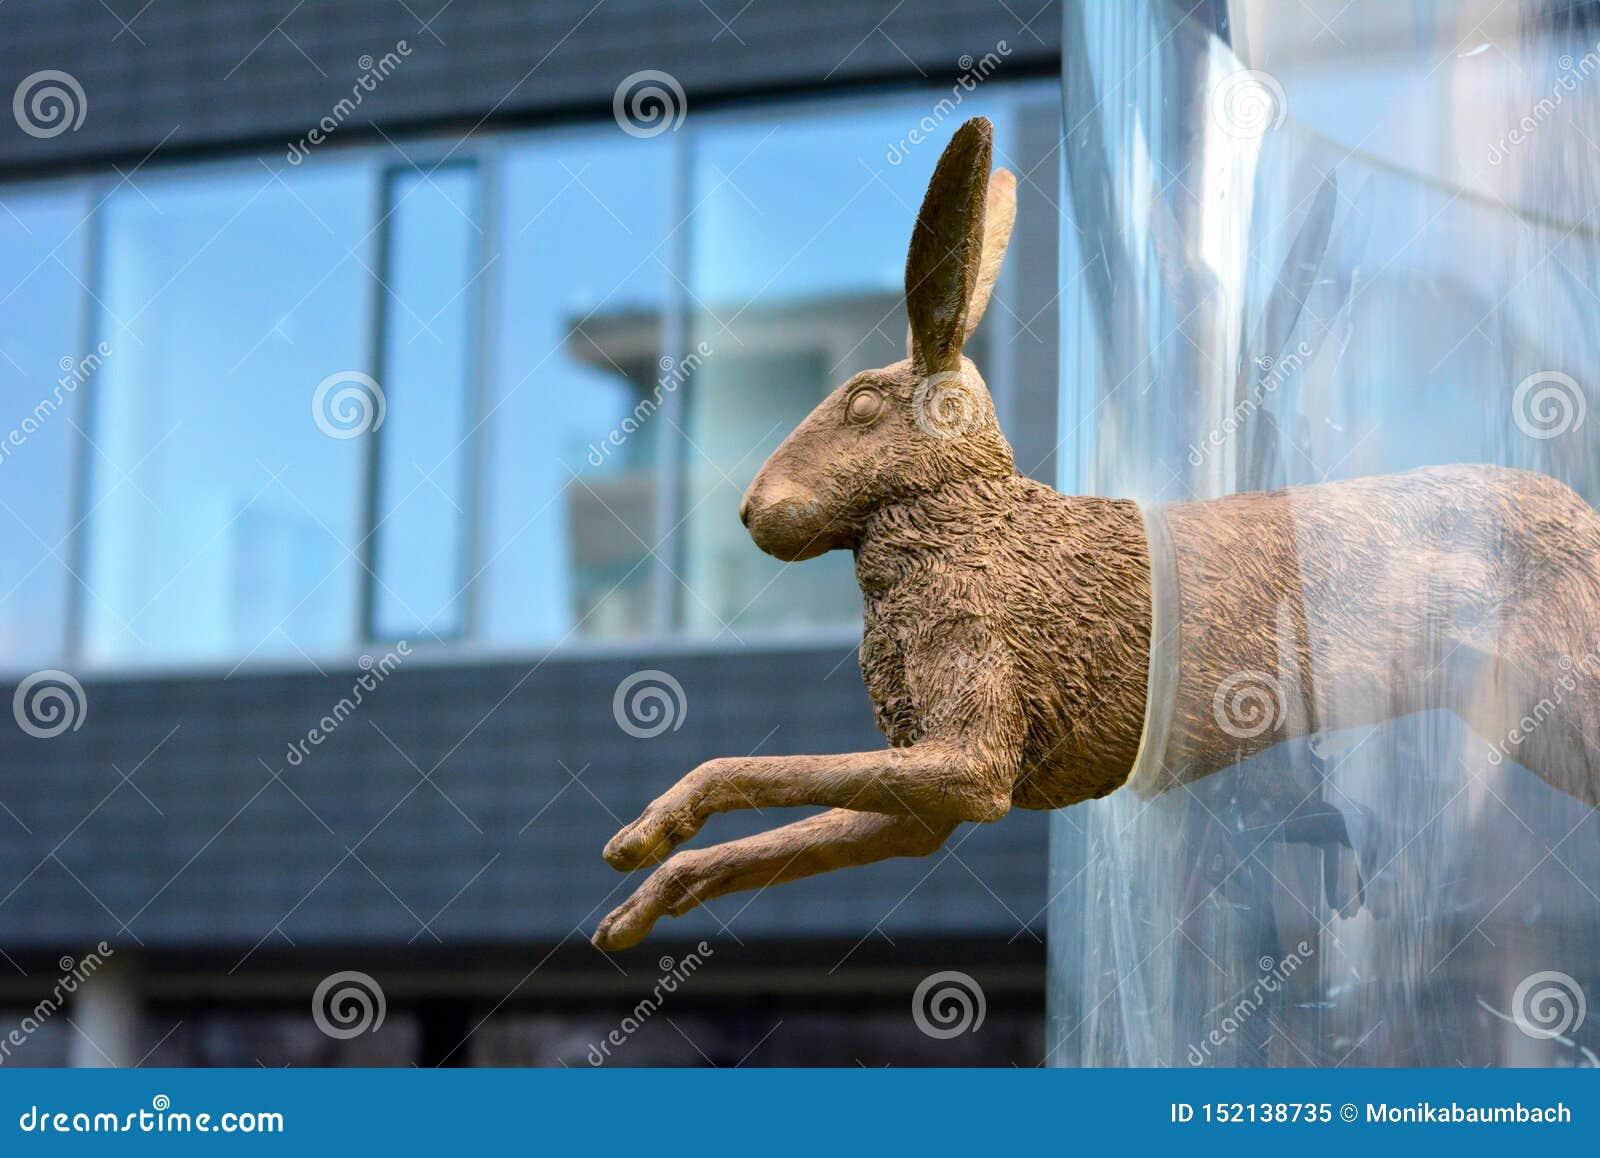 Γλυπτό ενός κουνελιού χαλκού που πηδά μέσω μιας στεφάνης γυαλιού από τον καλλιτέχνη Sabrina Hohmann